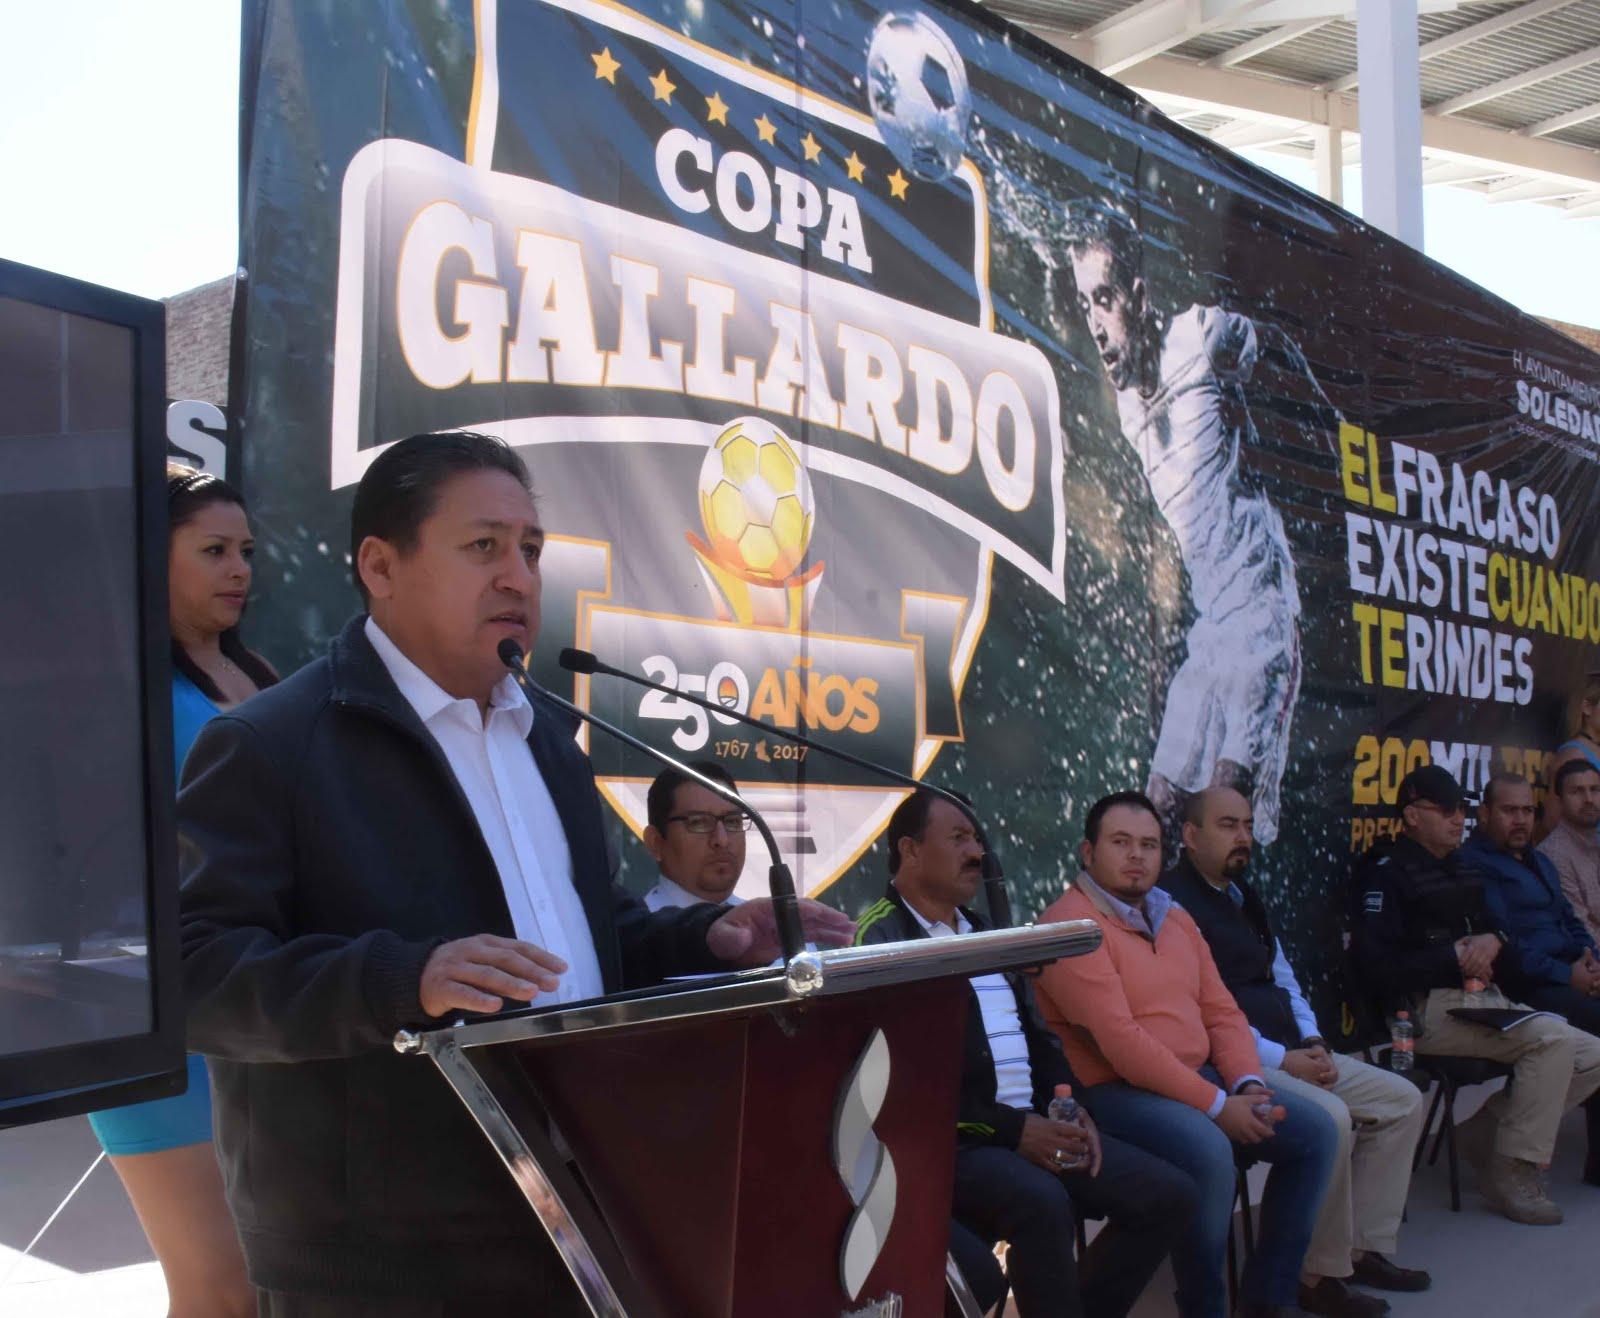 PRESENTAN COPA GALLARDO 250 AÑOS